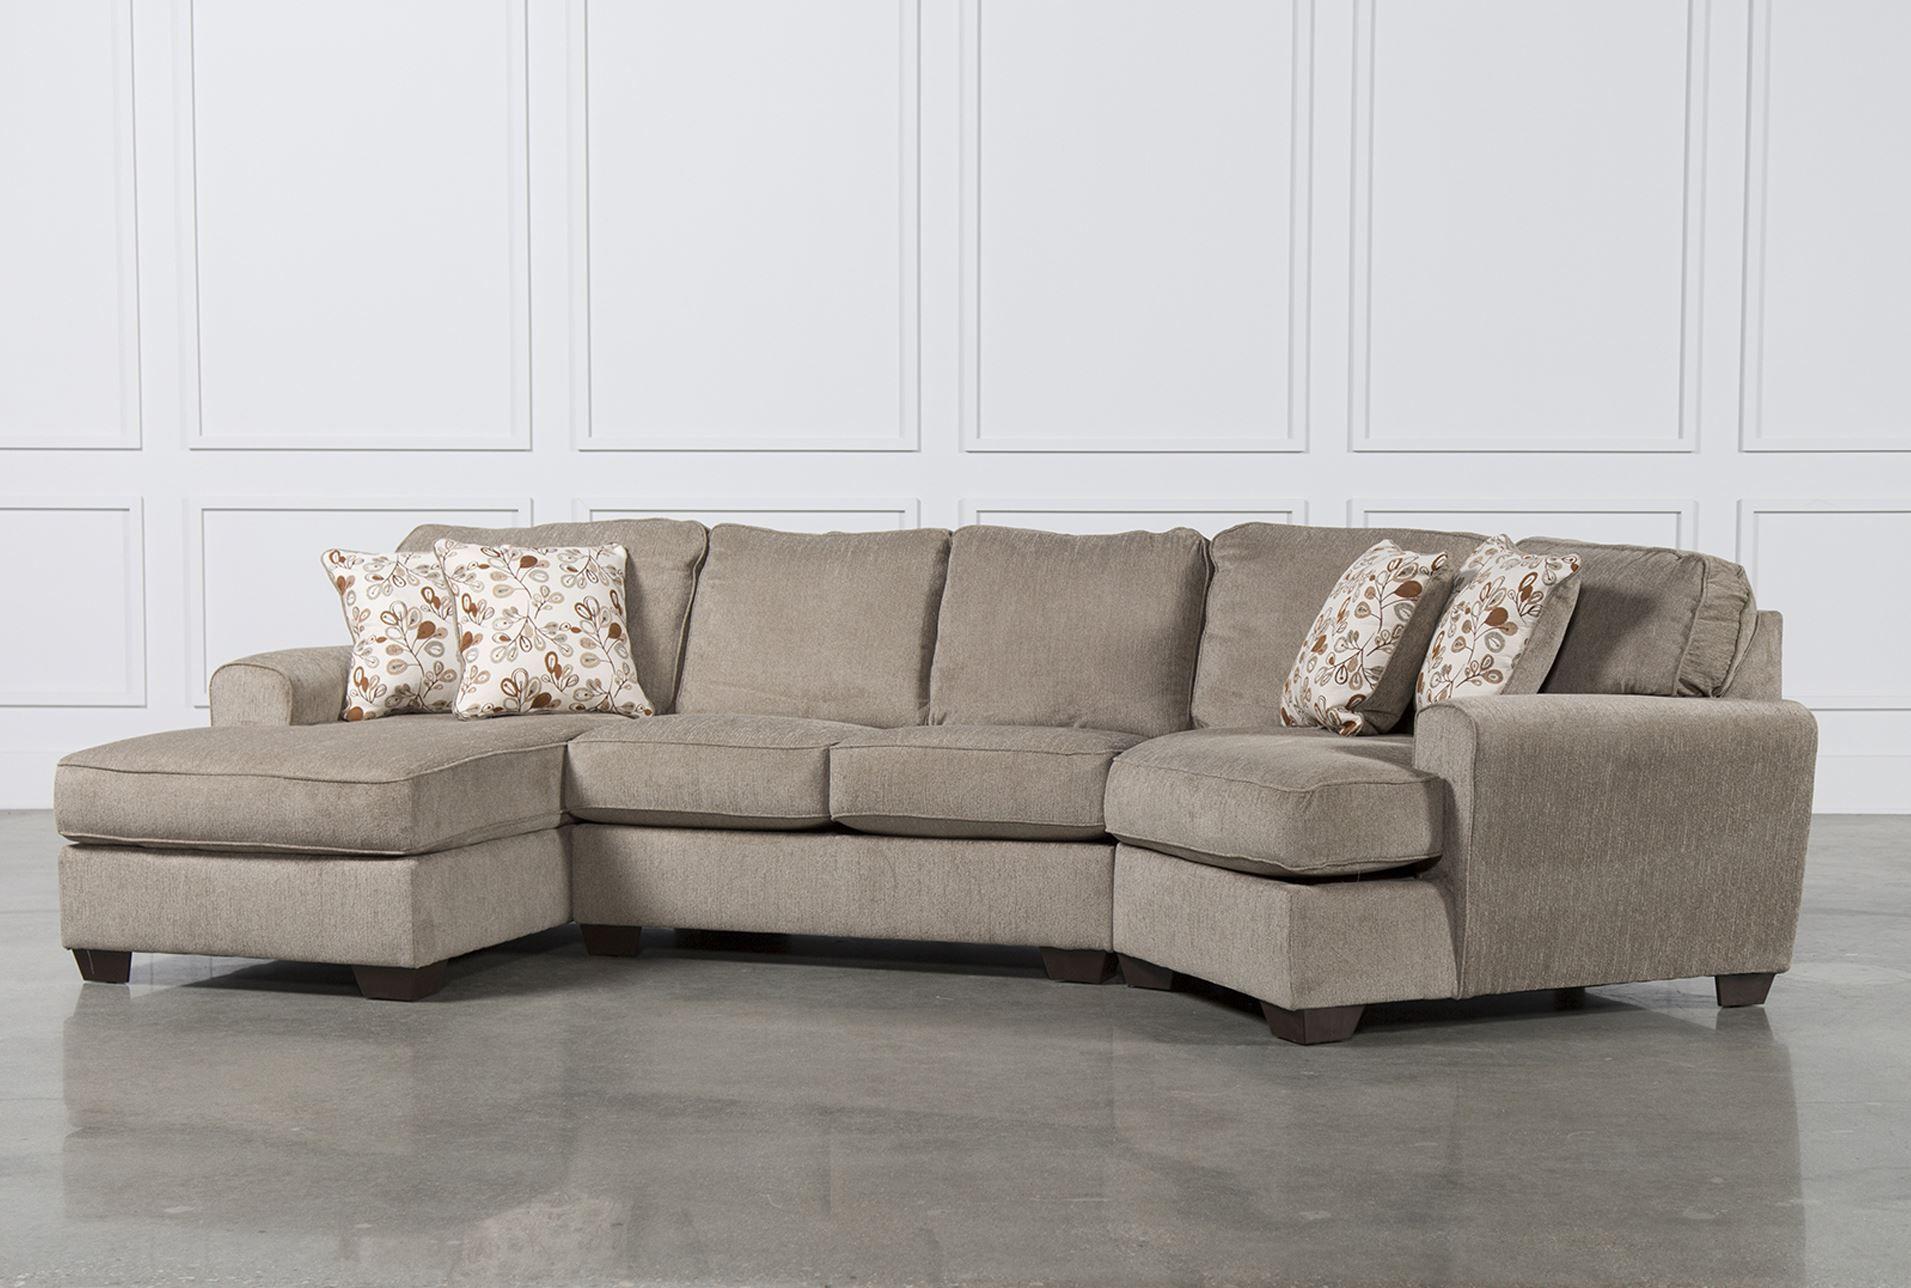 Cuddler Sectional Sofa Carena 2 Pc Fabric Sectional Sofa In Hannah Right Sectional Sofas (View 3 of 15)